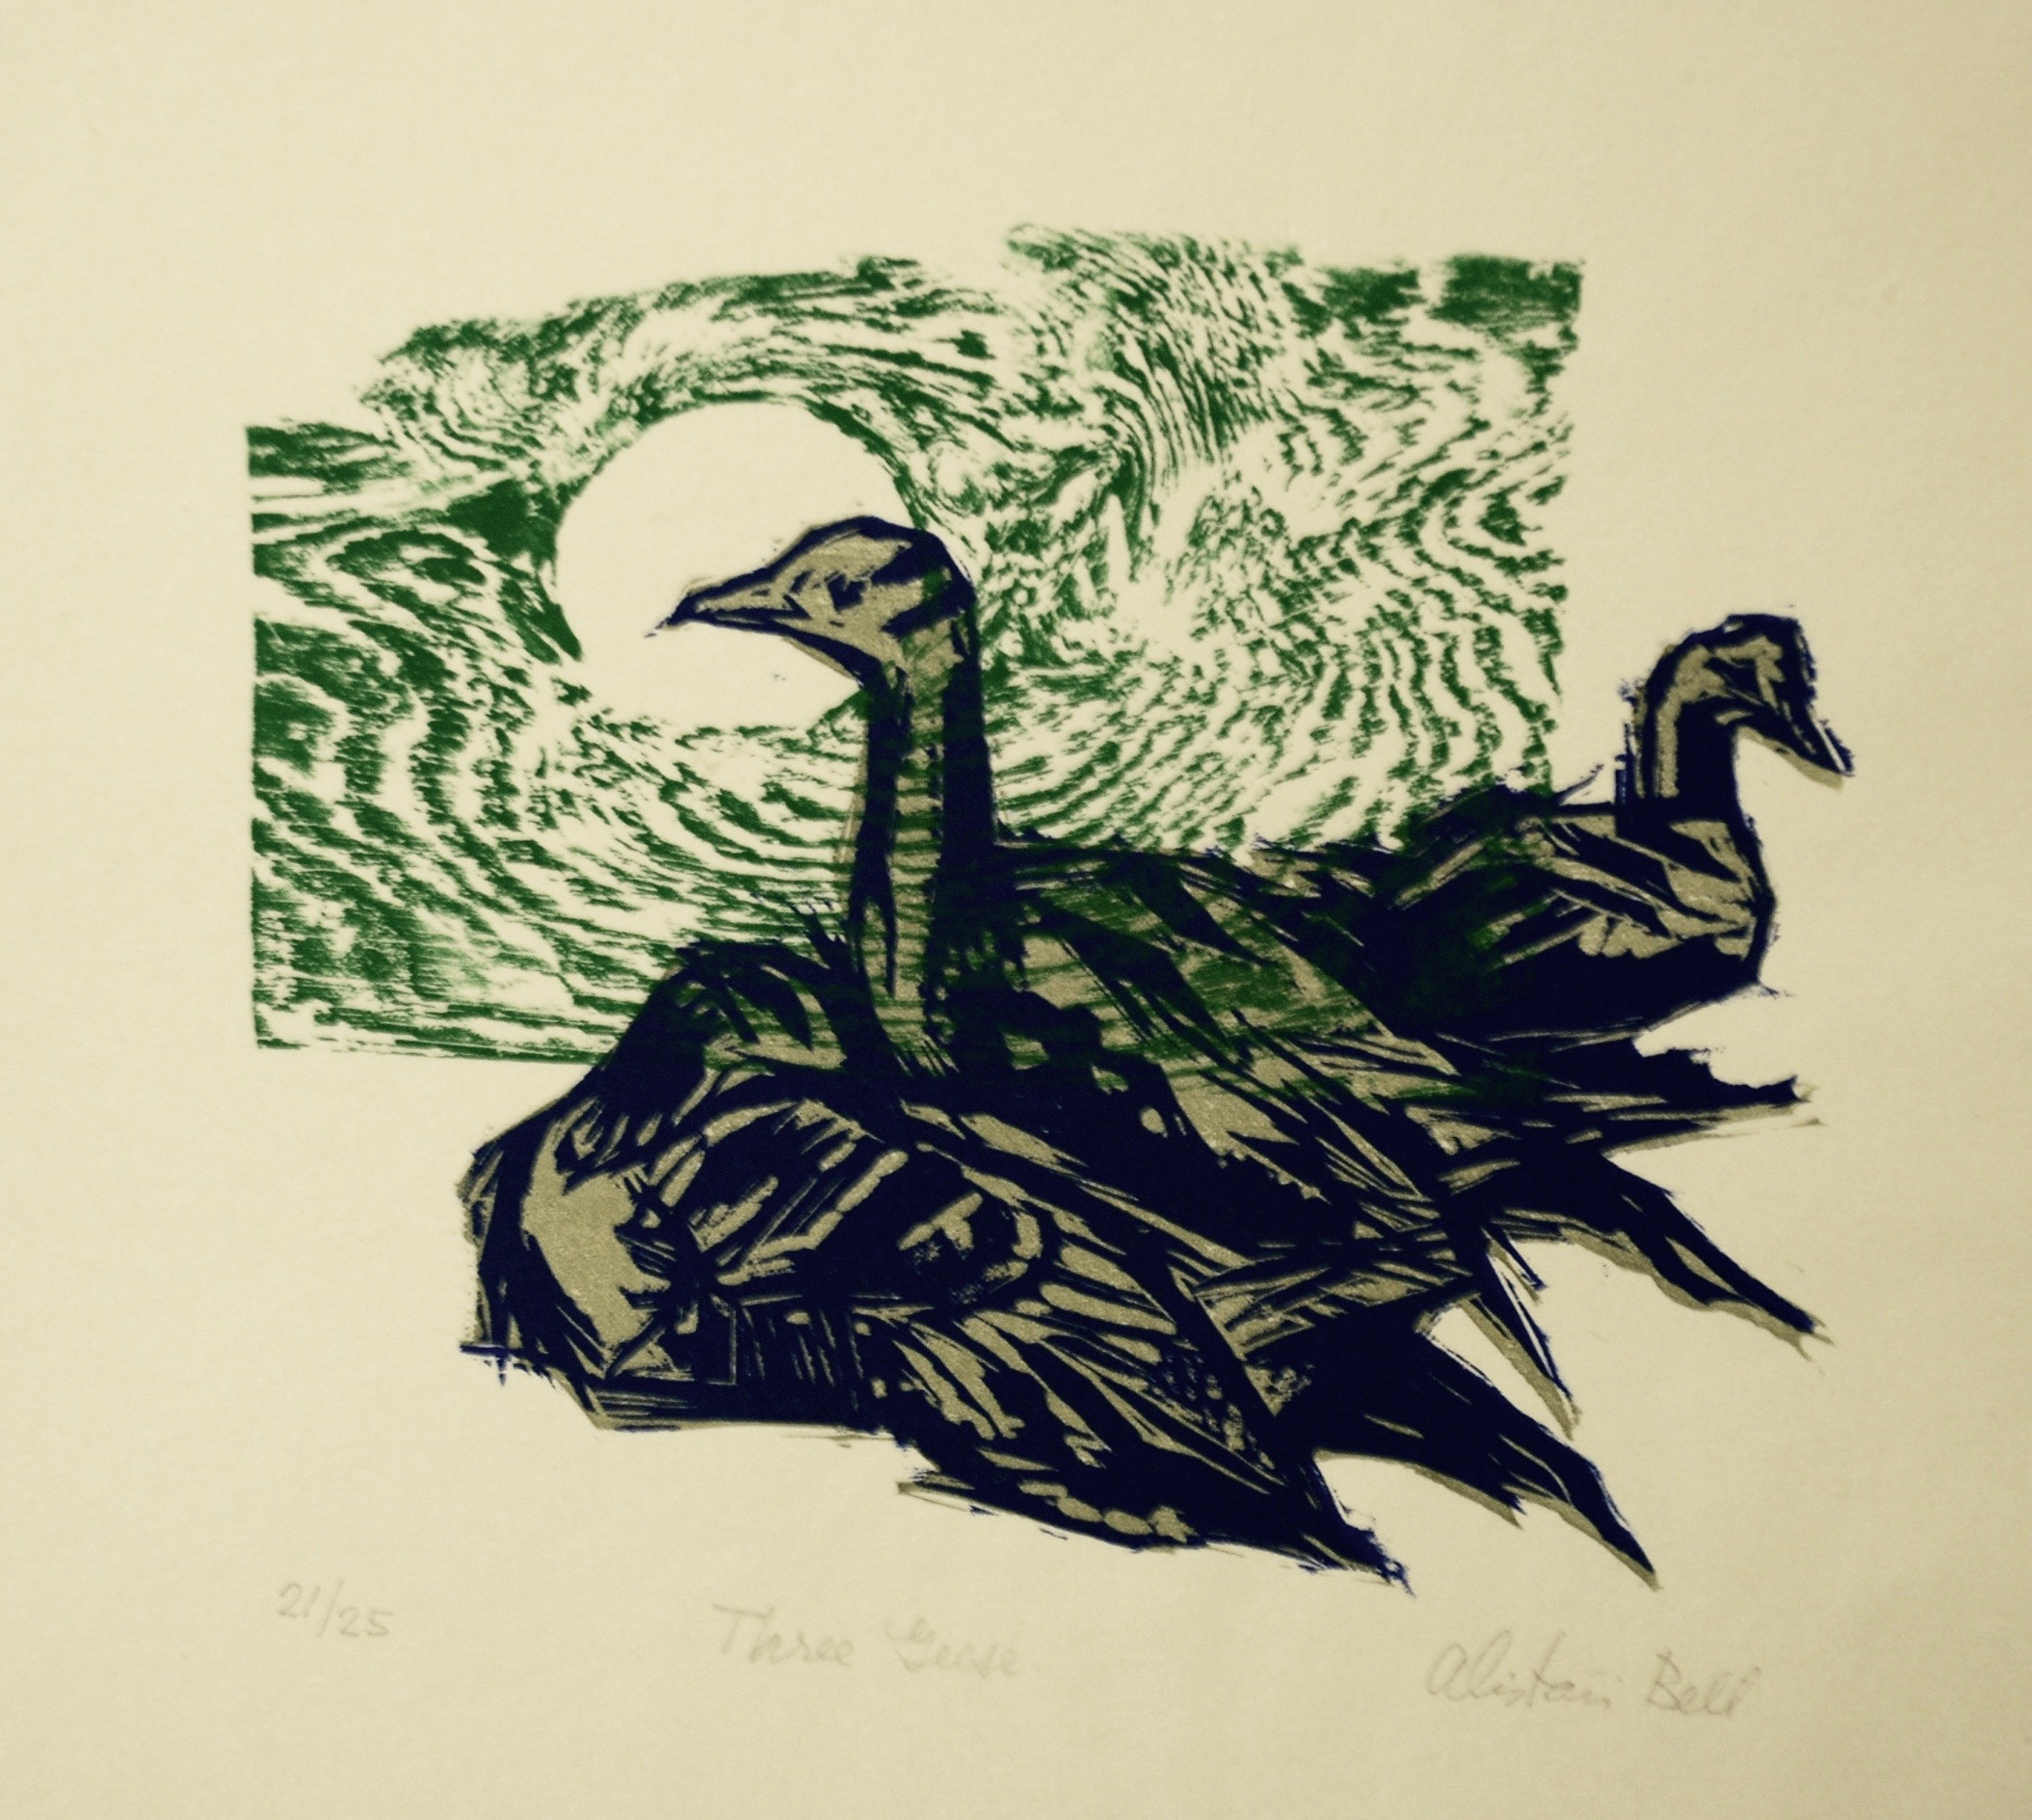 Alistair Macready Bell, Three Geese